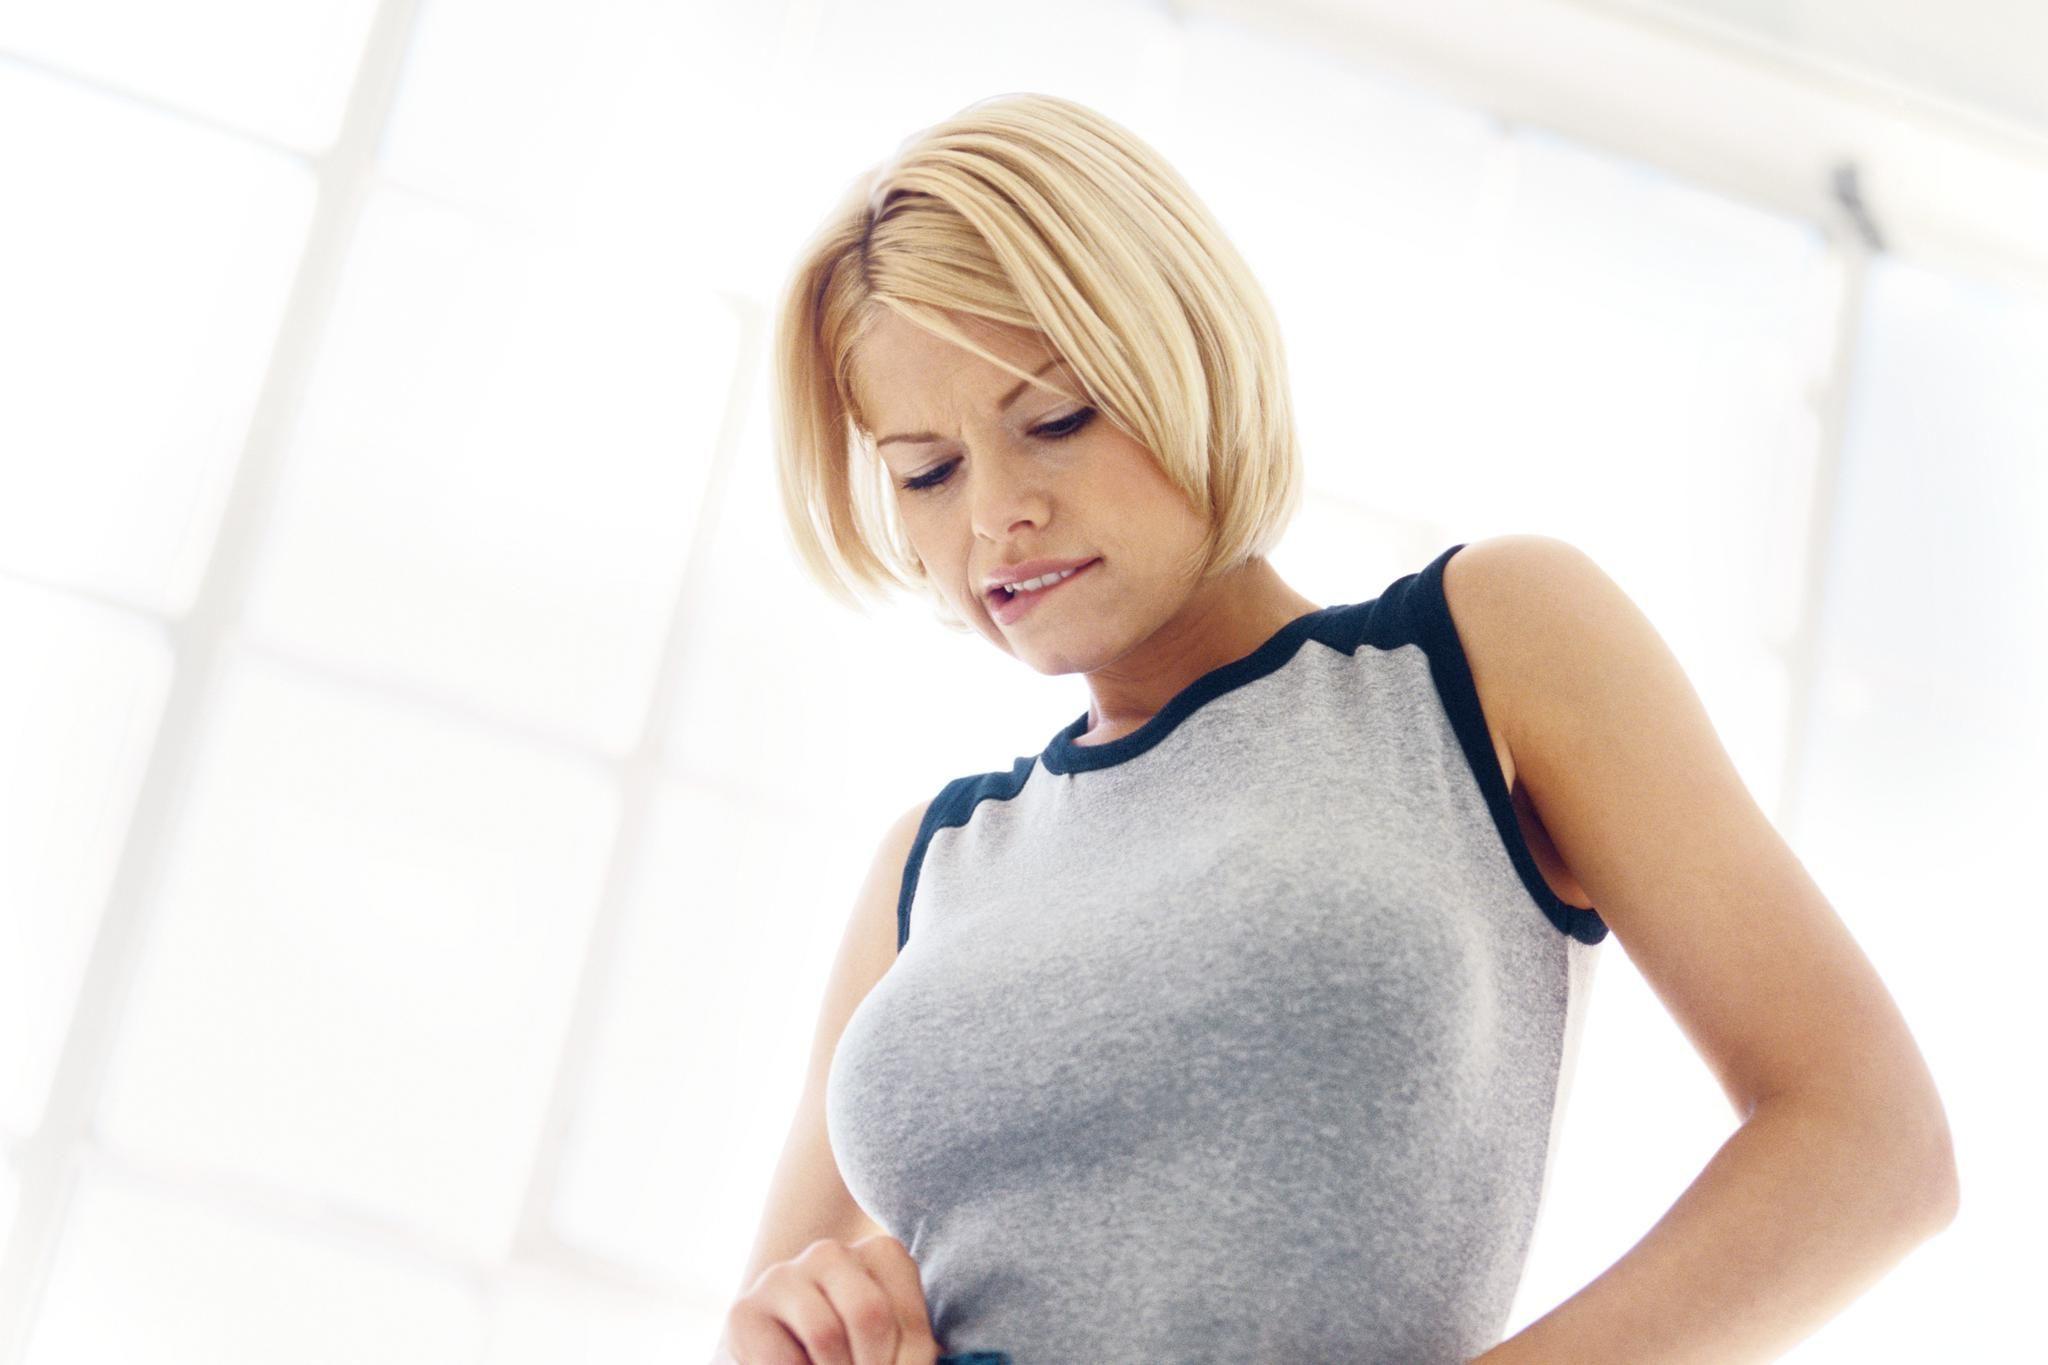 Pourquoi l'hypothyroïdie entraine-t-elle une prise de poids ?